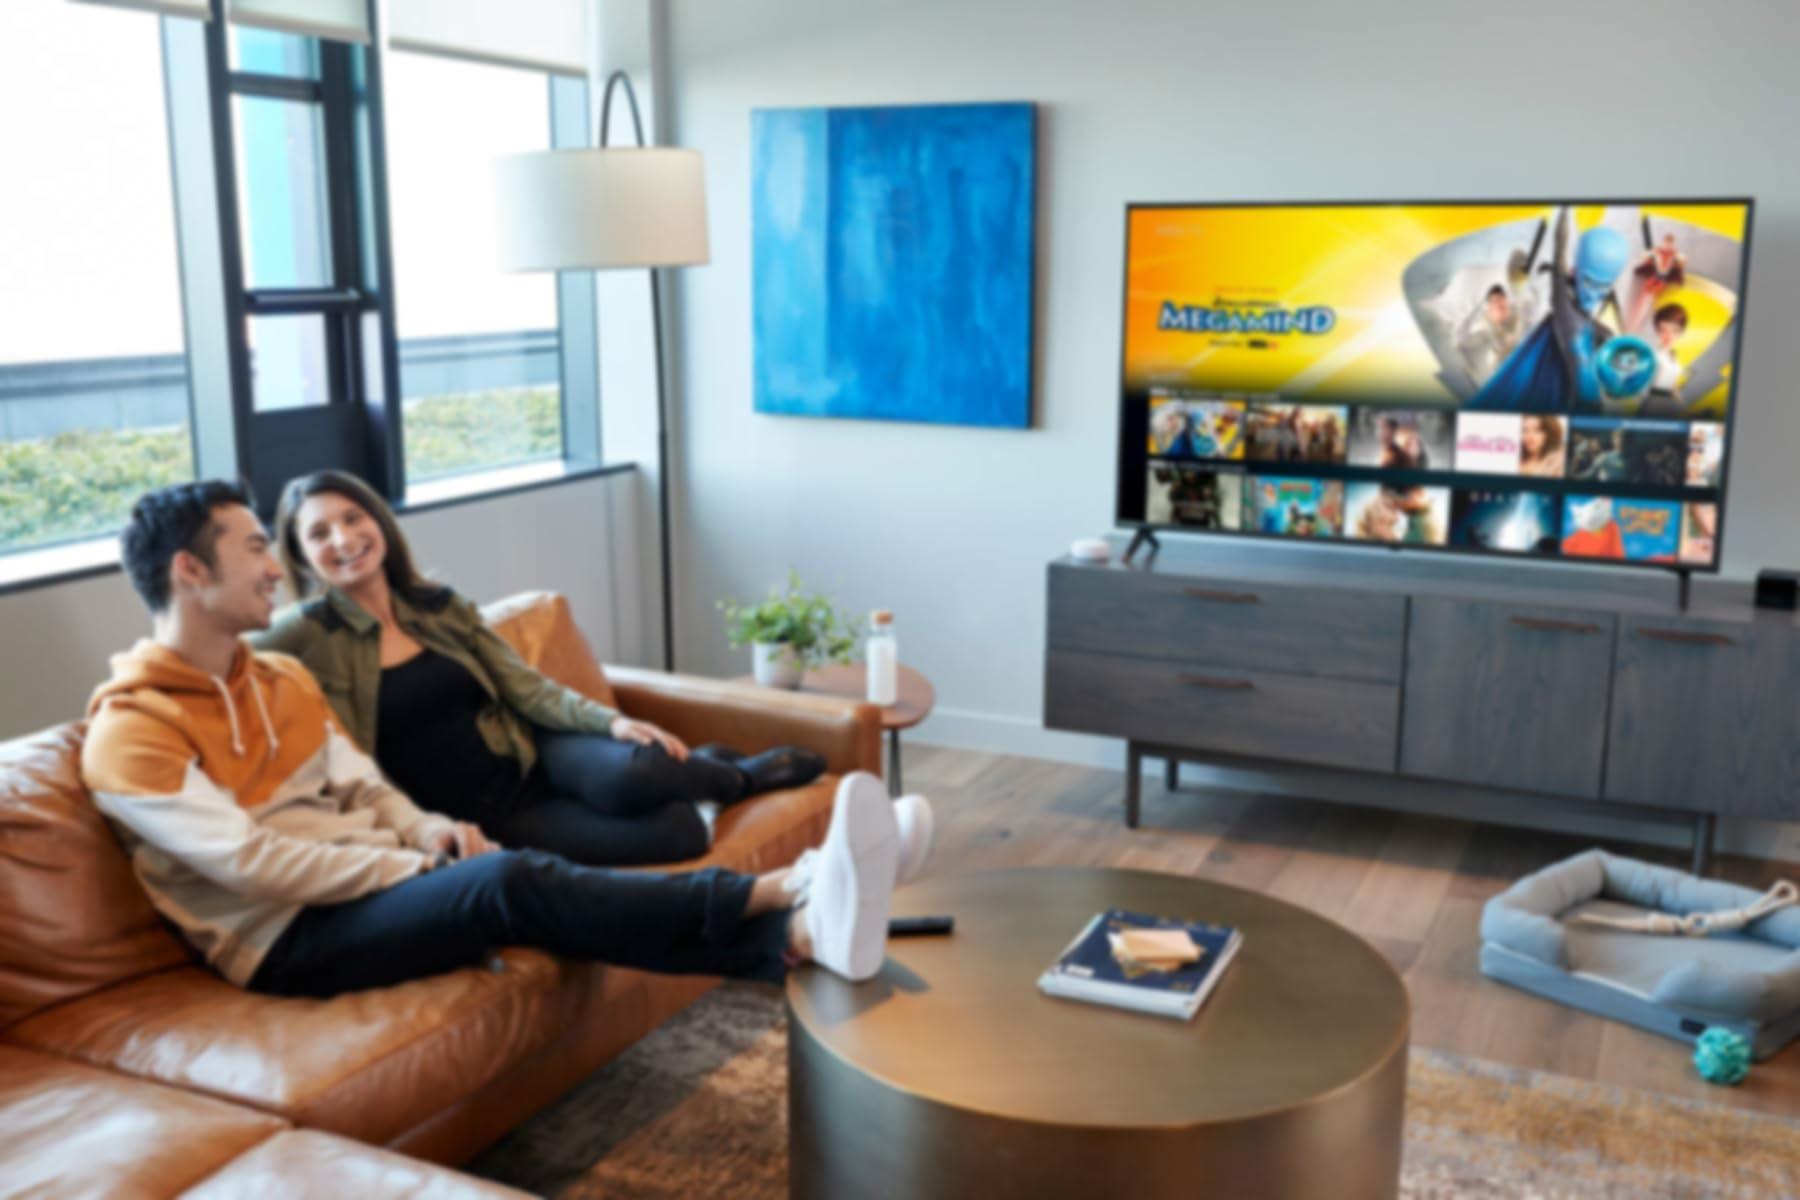 Un giovane uomo e una giovane donna ridono insieme seduti su un divano in un soggiorno, con una TV sullo sfondo che mostra una schermata di selezione di film.